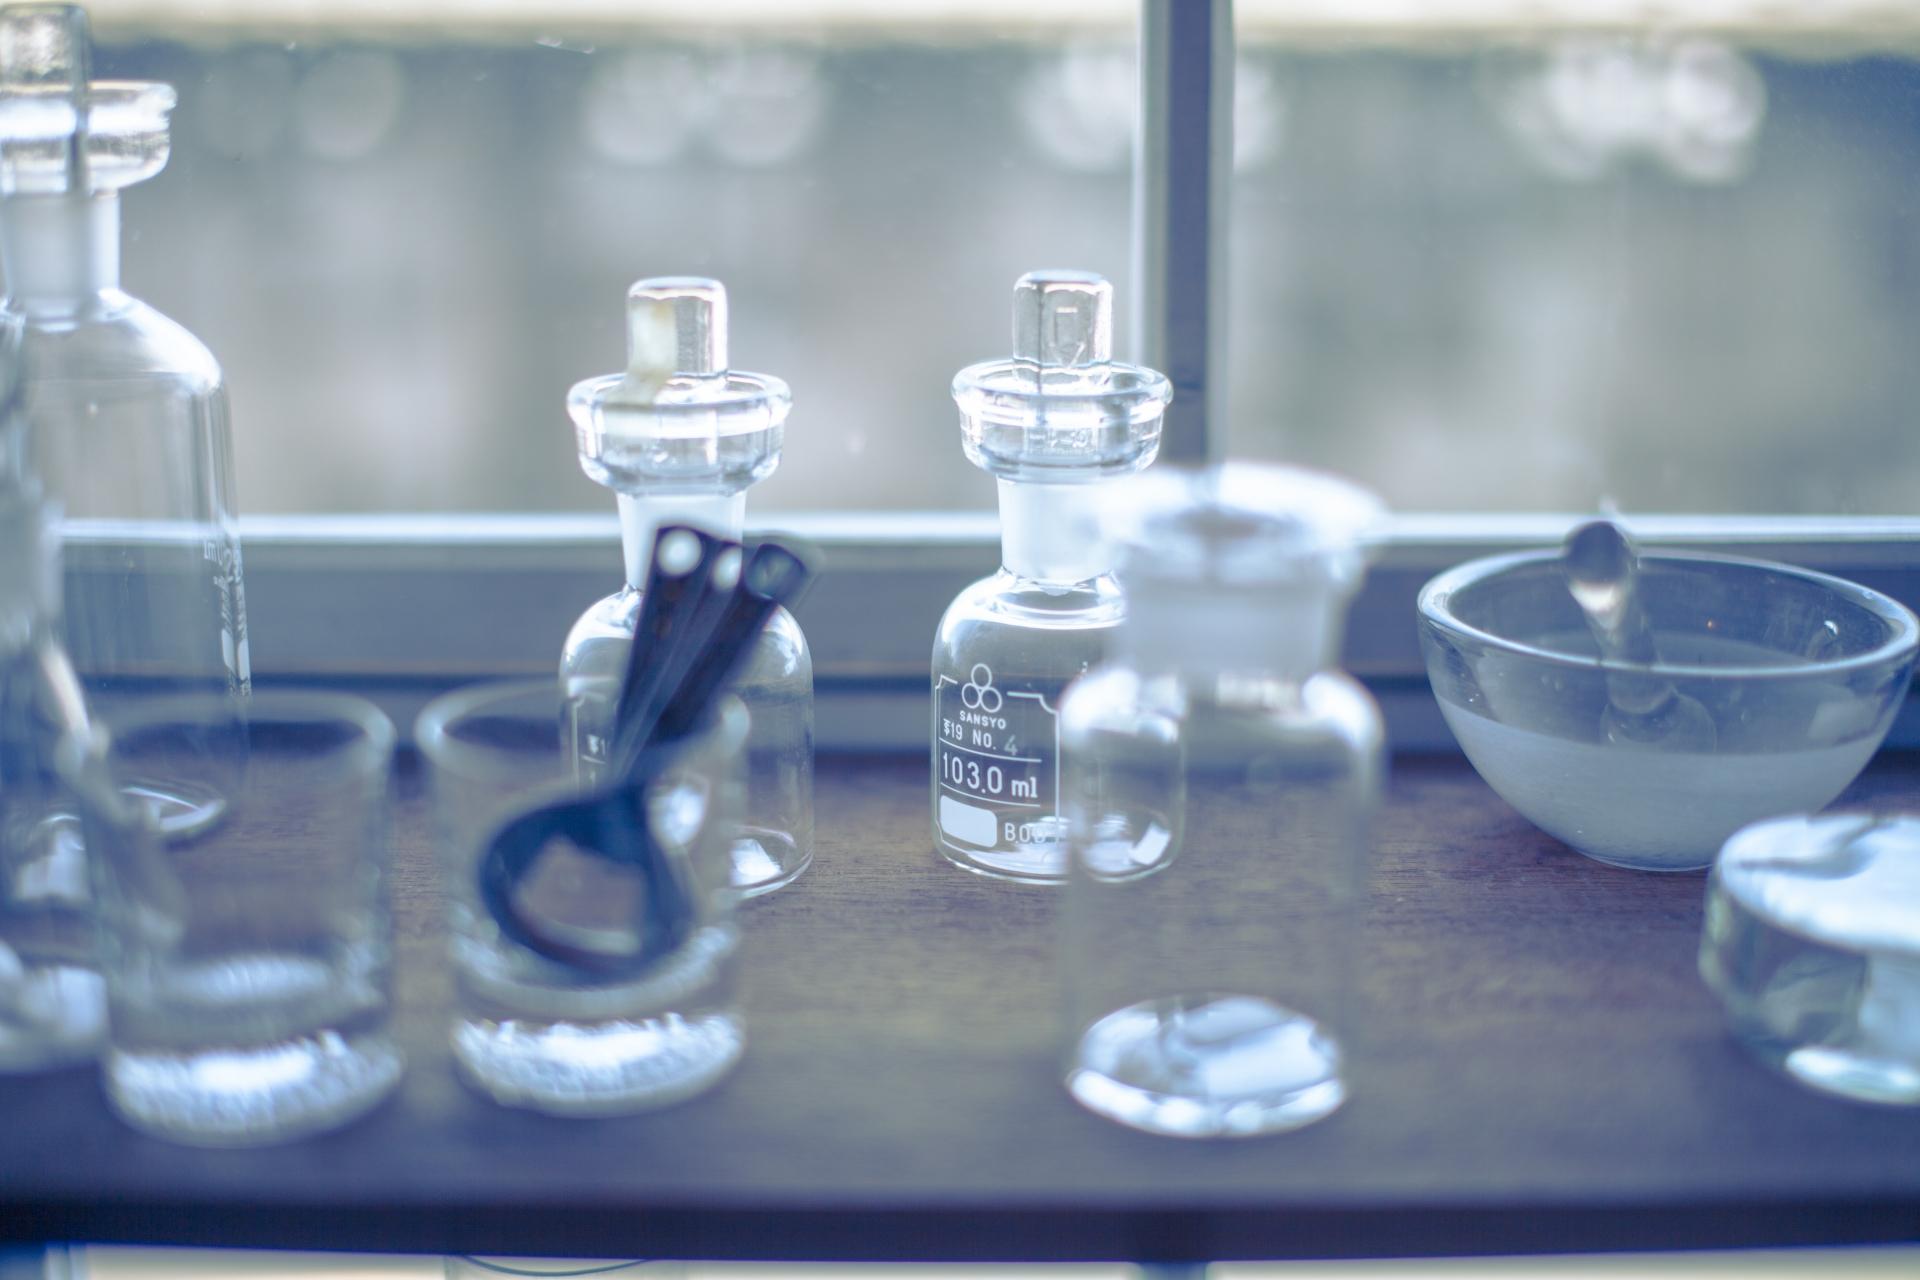 研究室にビーカーやシリンダーが置いてある画像